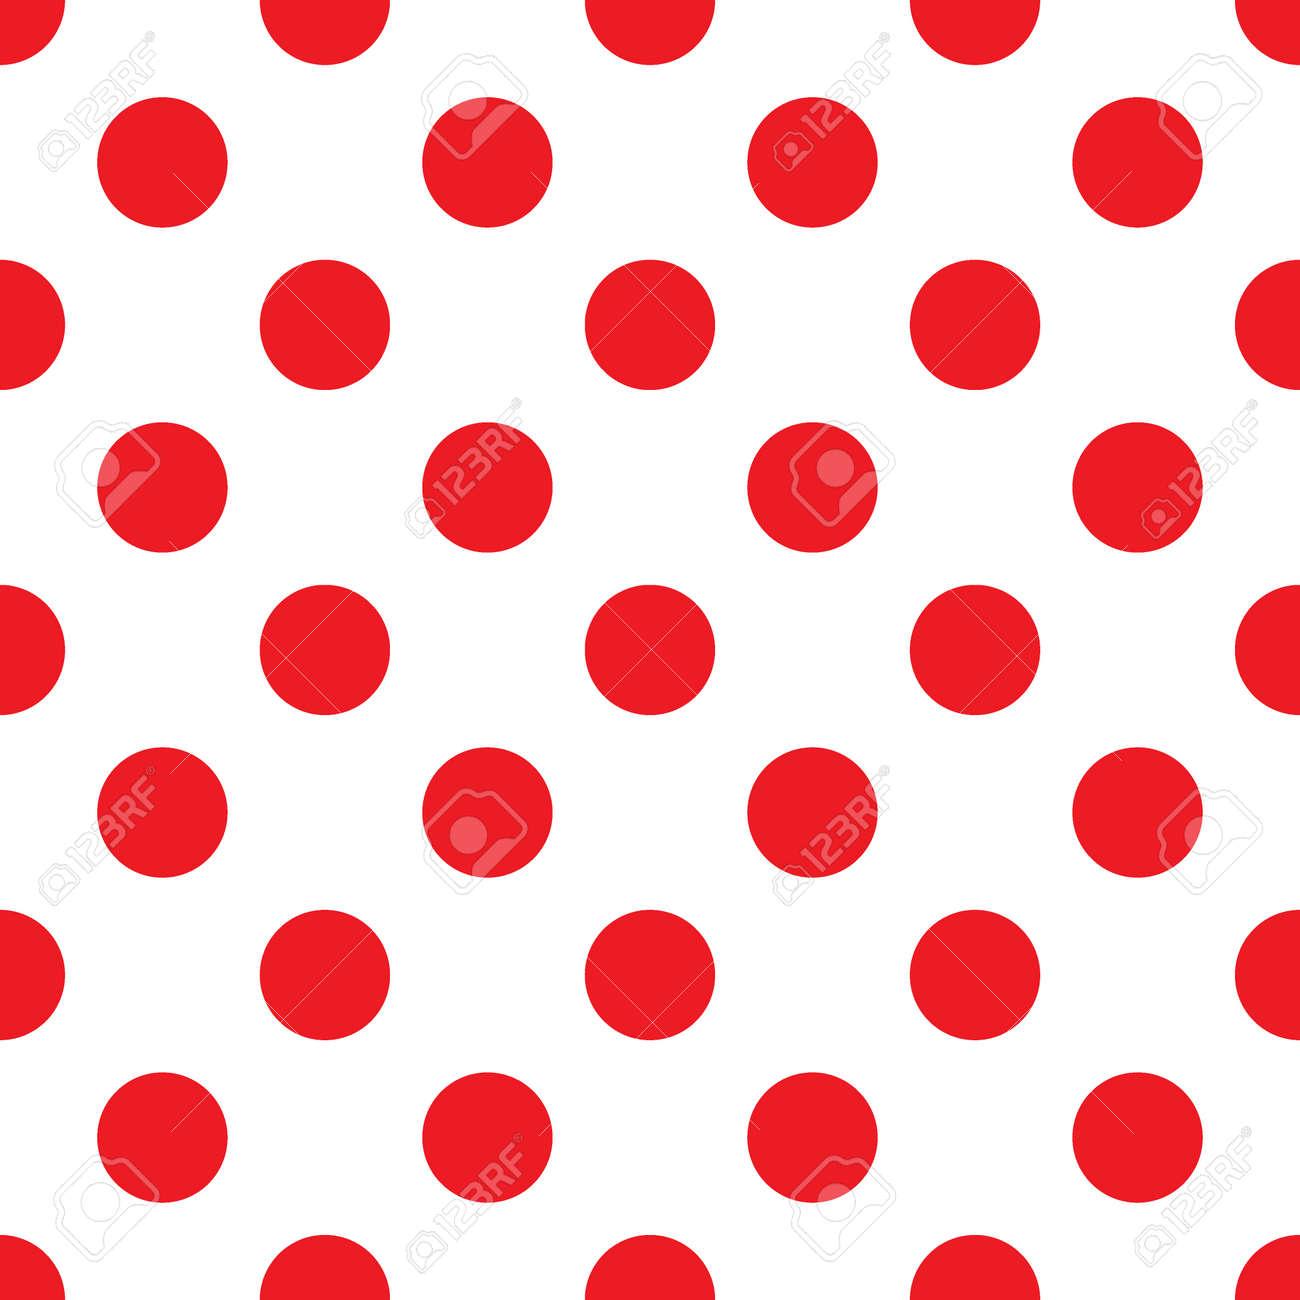 大きな水玉のシームレスなパターン ファッションの赤と白のテクスチャ